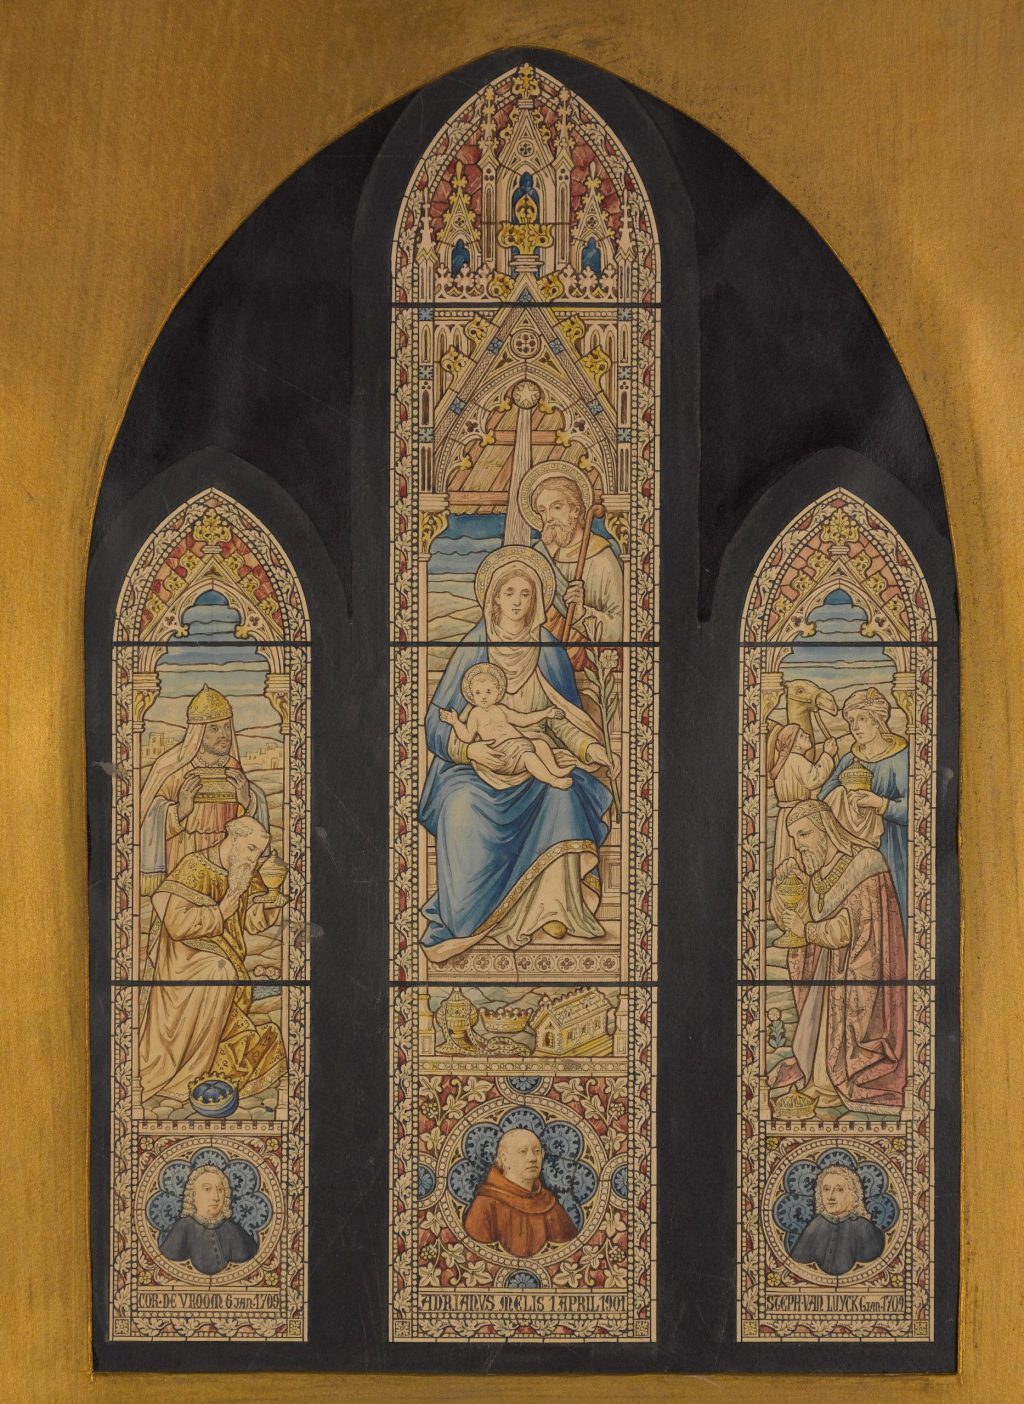 J.H. Tonnaer, Ontwerp voor het Driekoningenraam in de Maria van Jessekerk, ca. 1905 (TMS 64457)